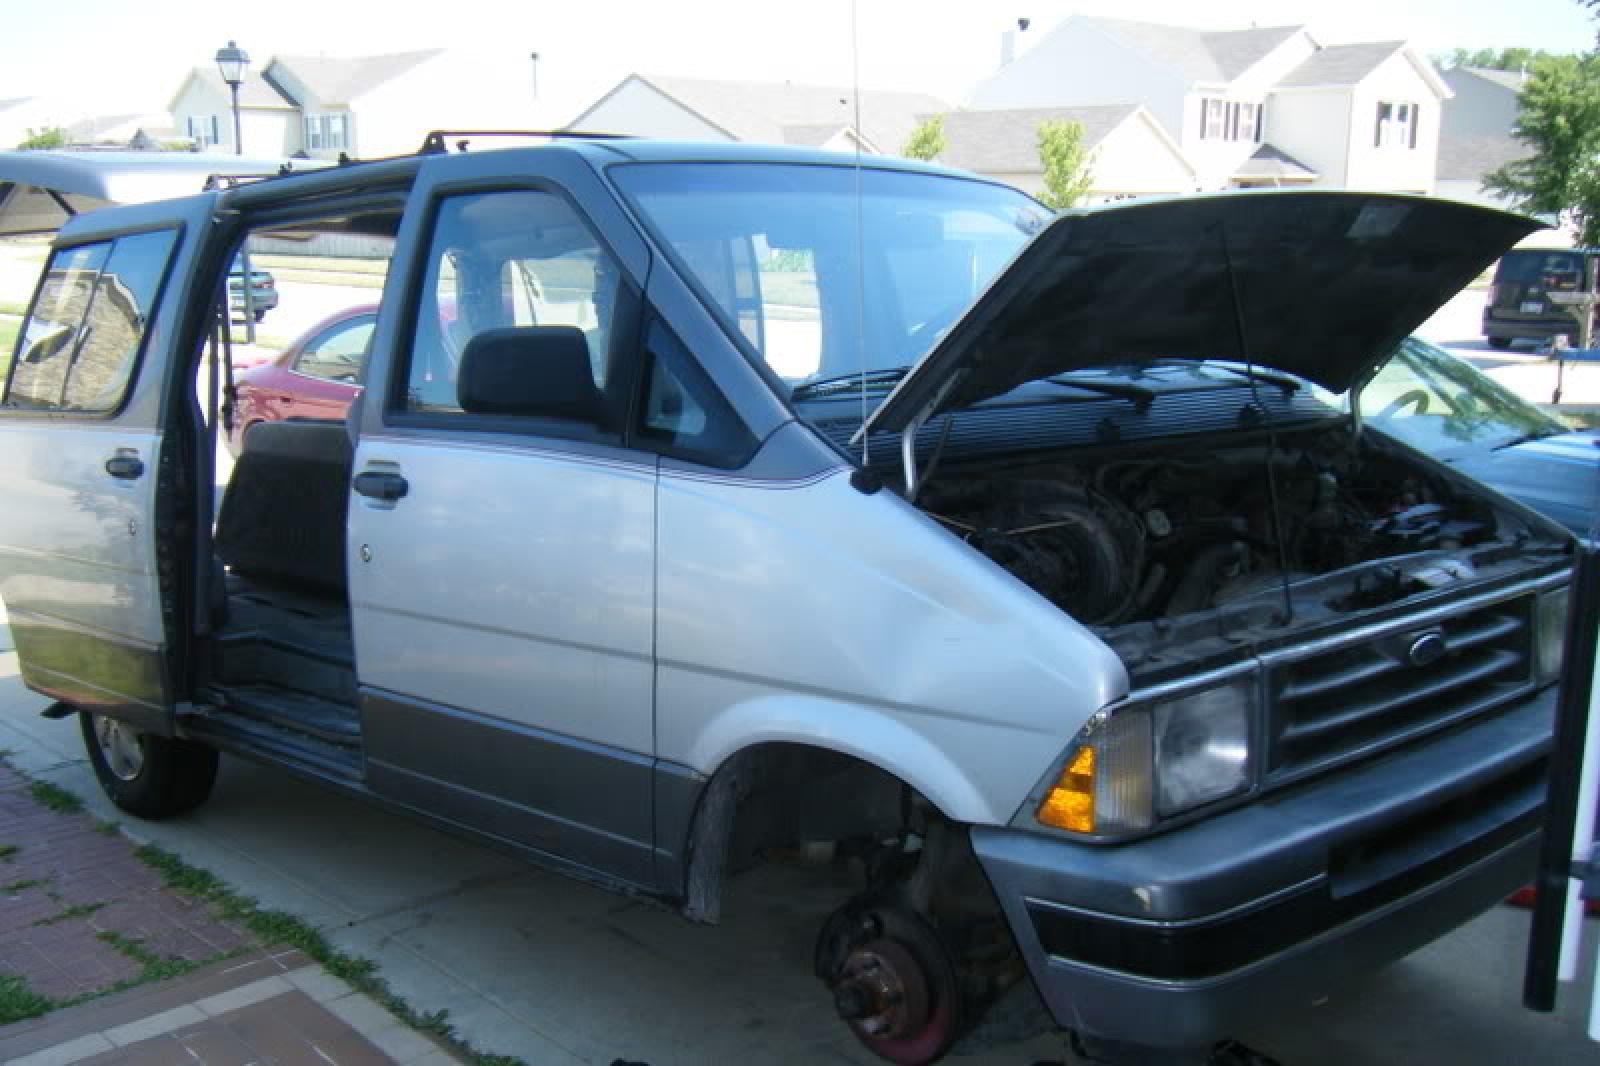 800 1024 1280 1600 Origin 1992 Ford Aerostar